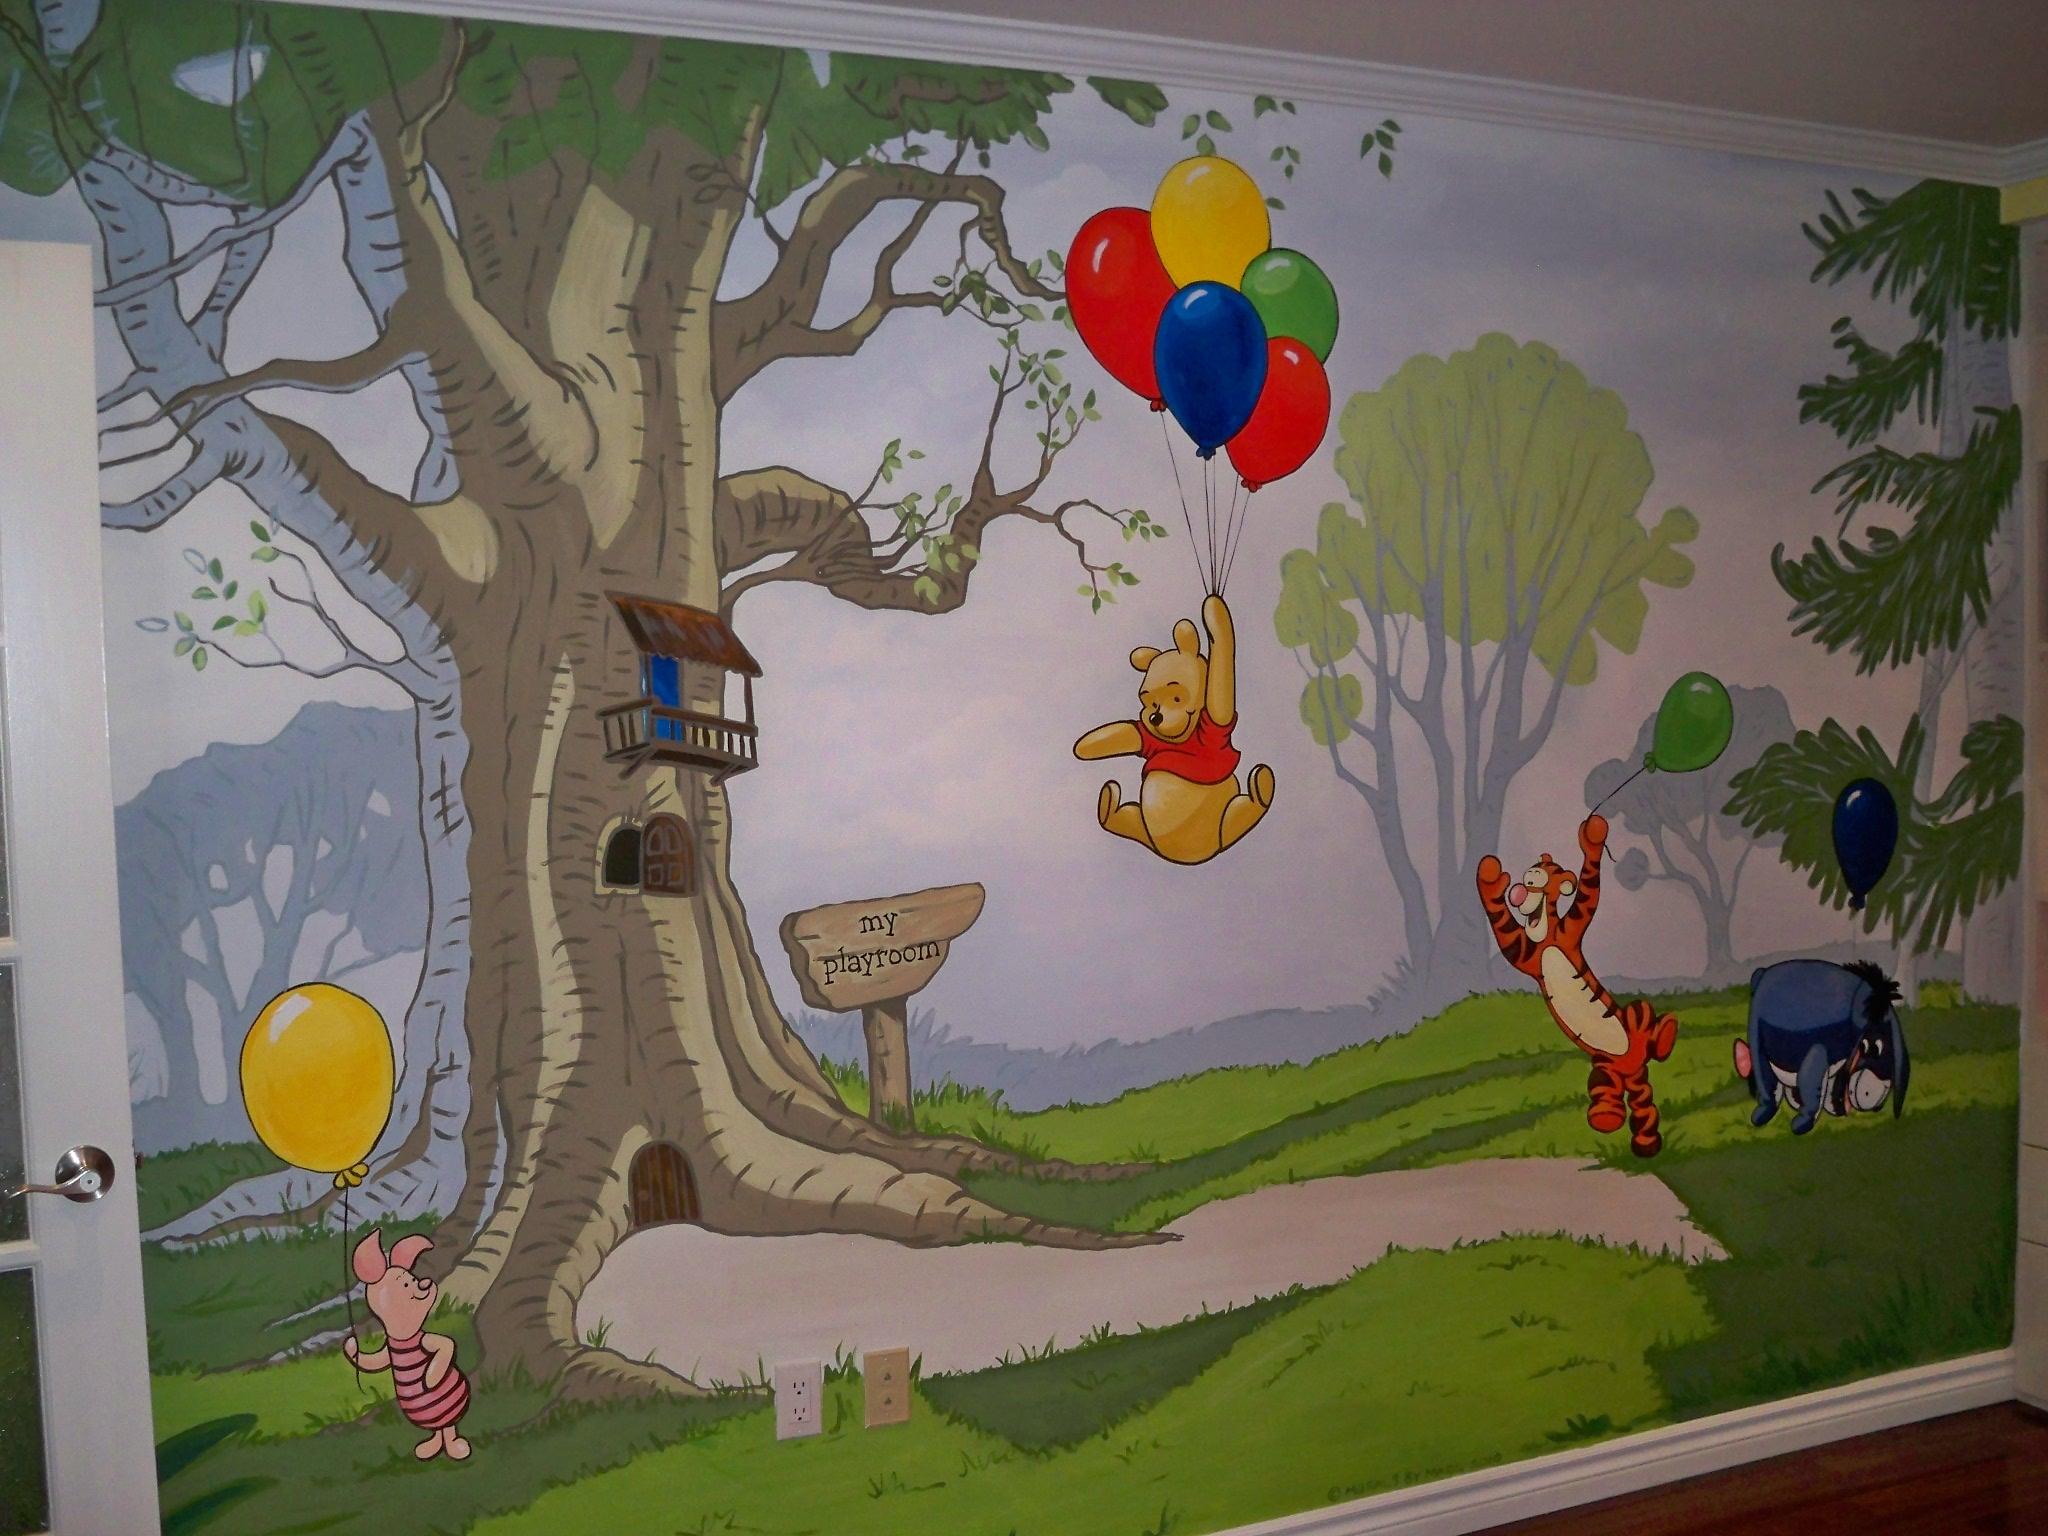 Murals By Marg Winnie Playroom 2.jpg